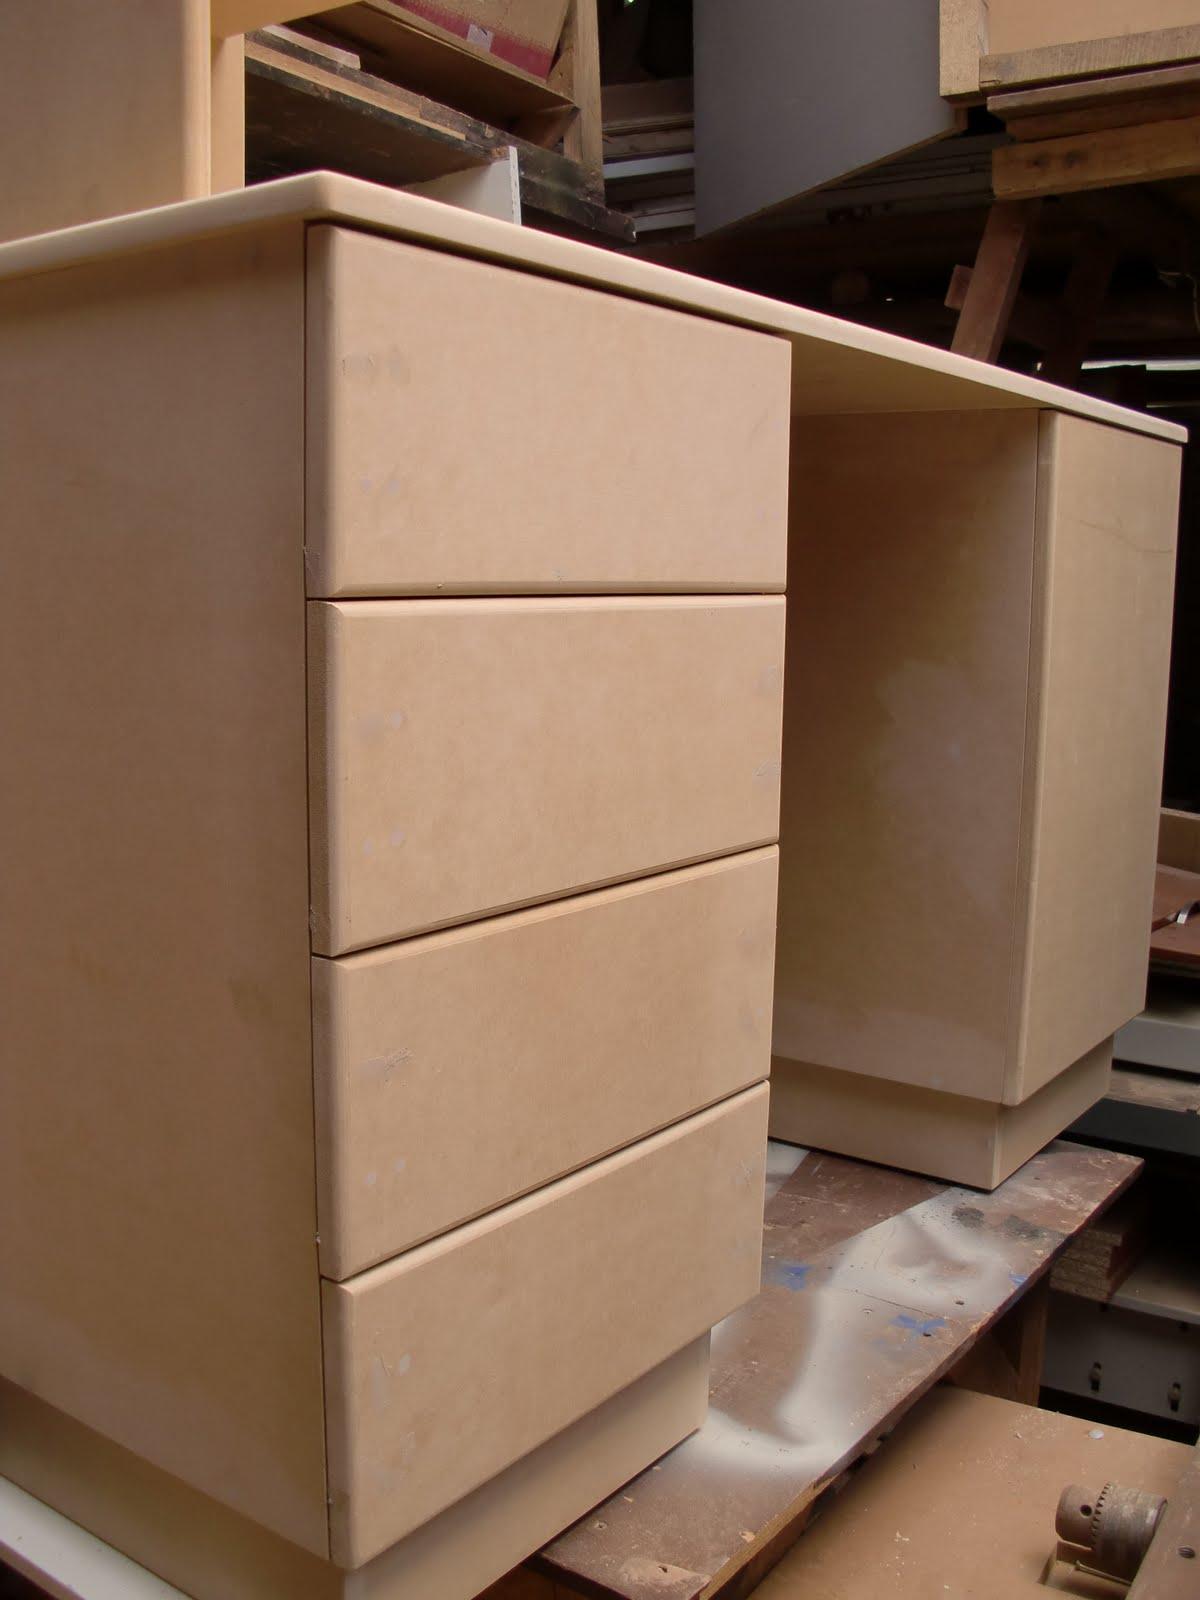 Decoraciones manualidades en madera como se pinta el mdf Muebles de cocina en madera mdf